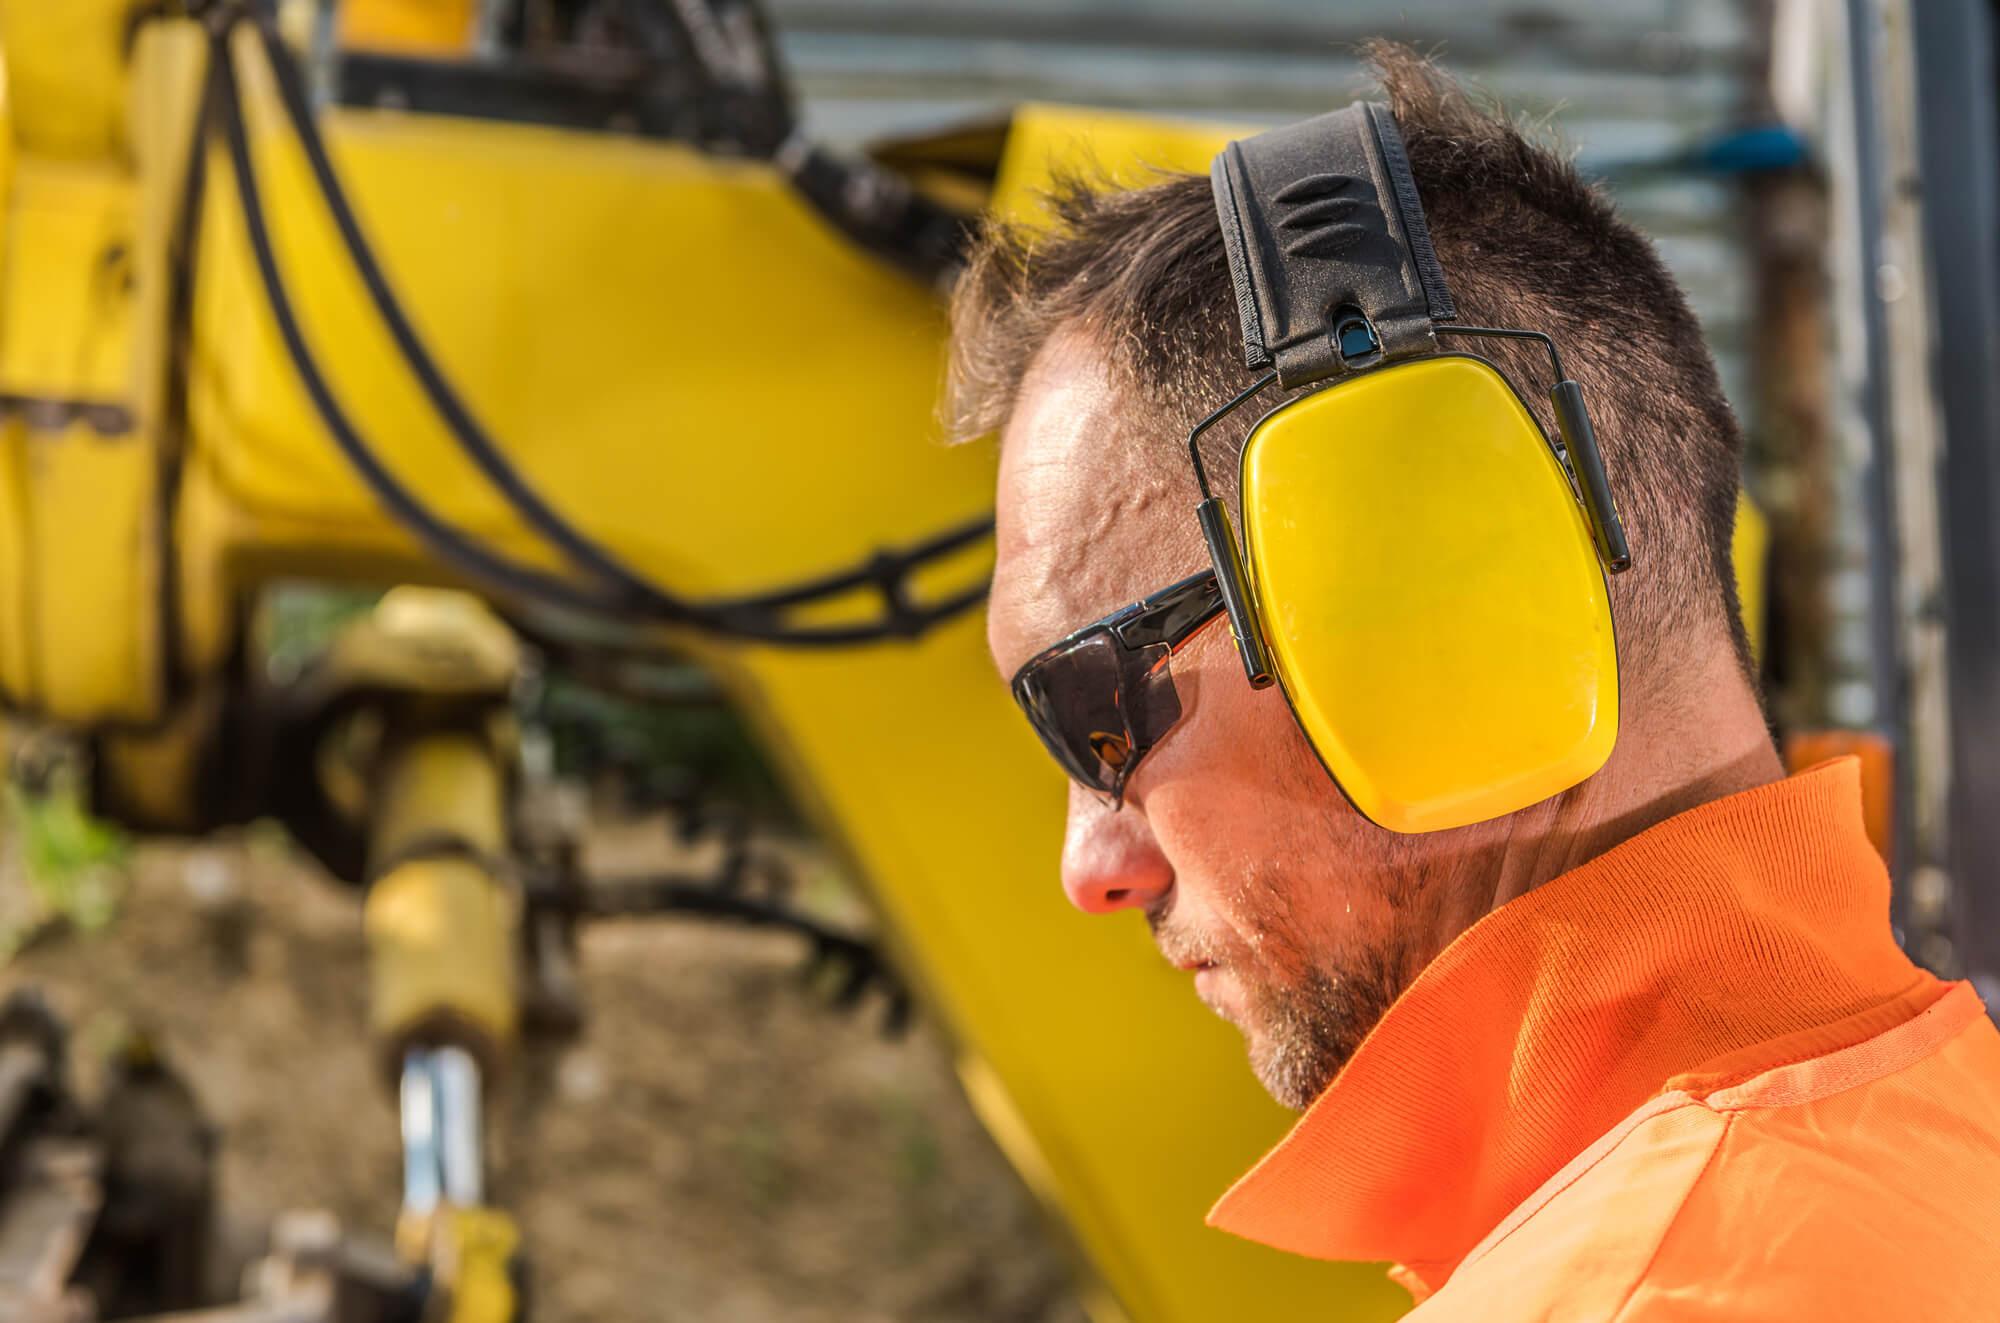 Høreværn er påbudt, hvis støjen er over 85 dB(A)